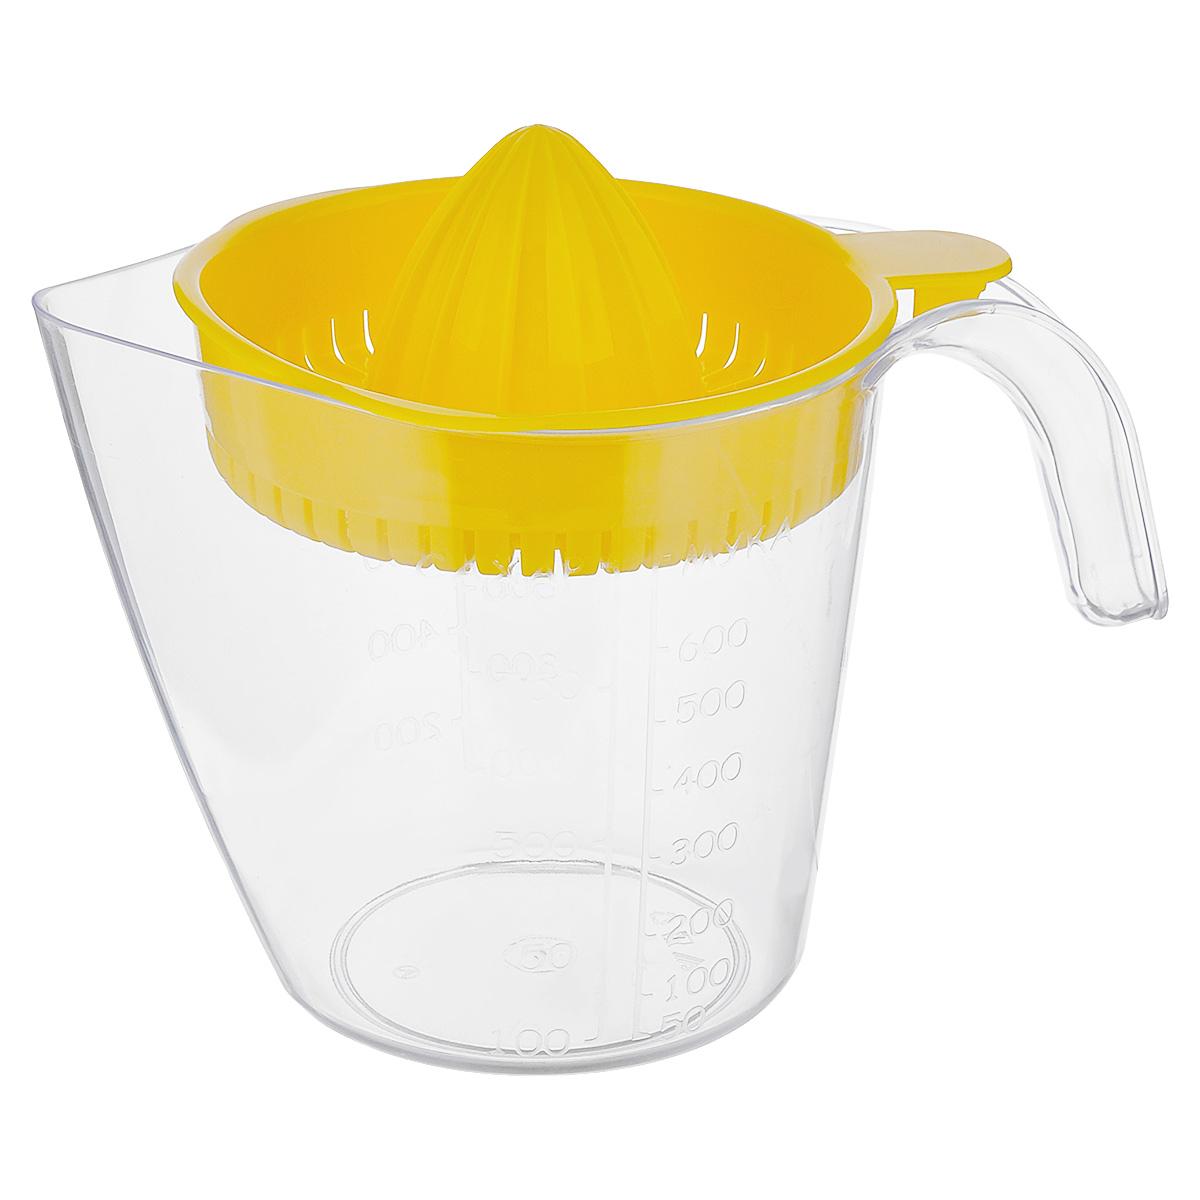 """Ручная соковыжималка для цитрусовых """"Альтернатива"""", изготовленная из пластика, станет полезным аксессуаром на любой кухне. Она идеально подойдет для мелких и крупных цитрусовых фруктов. Достаточно разрезать фрукты пополам, зафиксировать на держателе и покрутить. Сок выливается в мерный стакан, входящий в комплект. Простая и удобная в использовании соковыжималка """"Альтернатива"""" займет достойное место среди кухонного инвентаря. Размер соковыжималки: 16 см х 13,5 см х 6 см.Объем мерного стакана: 1,1 л.Диаметр стакана по верхнему краю: 13 см.Высота стакана: 13,5 см."""